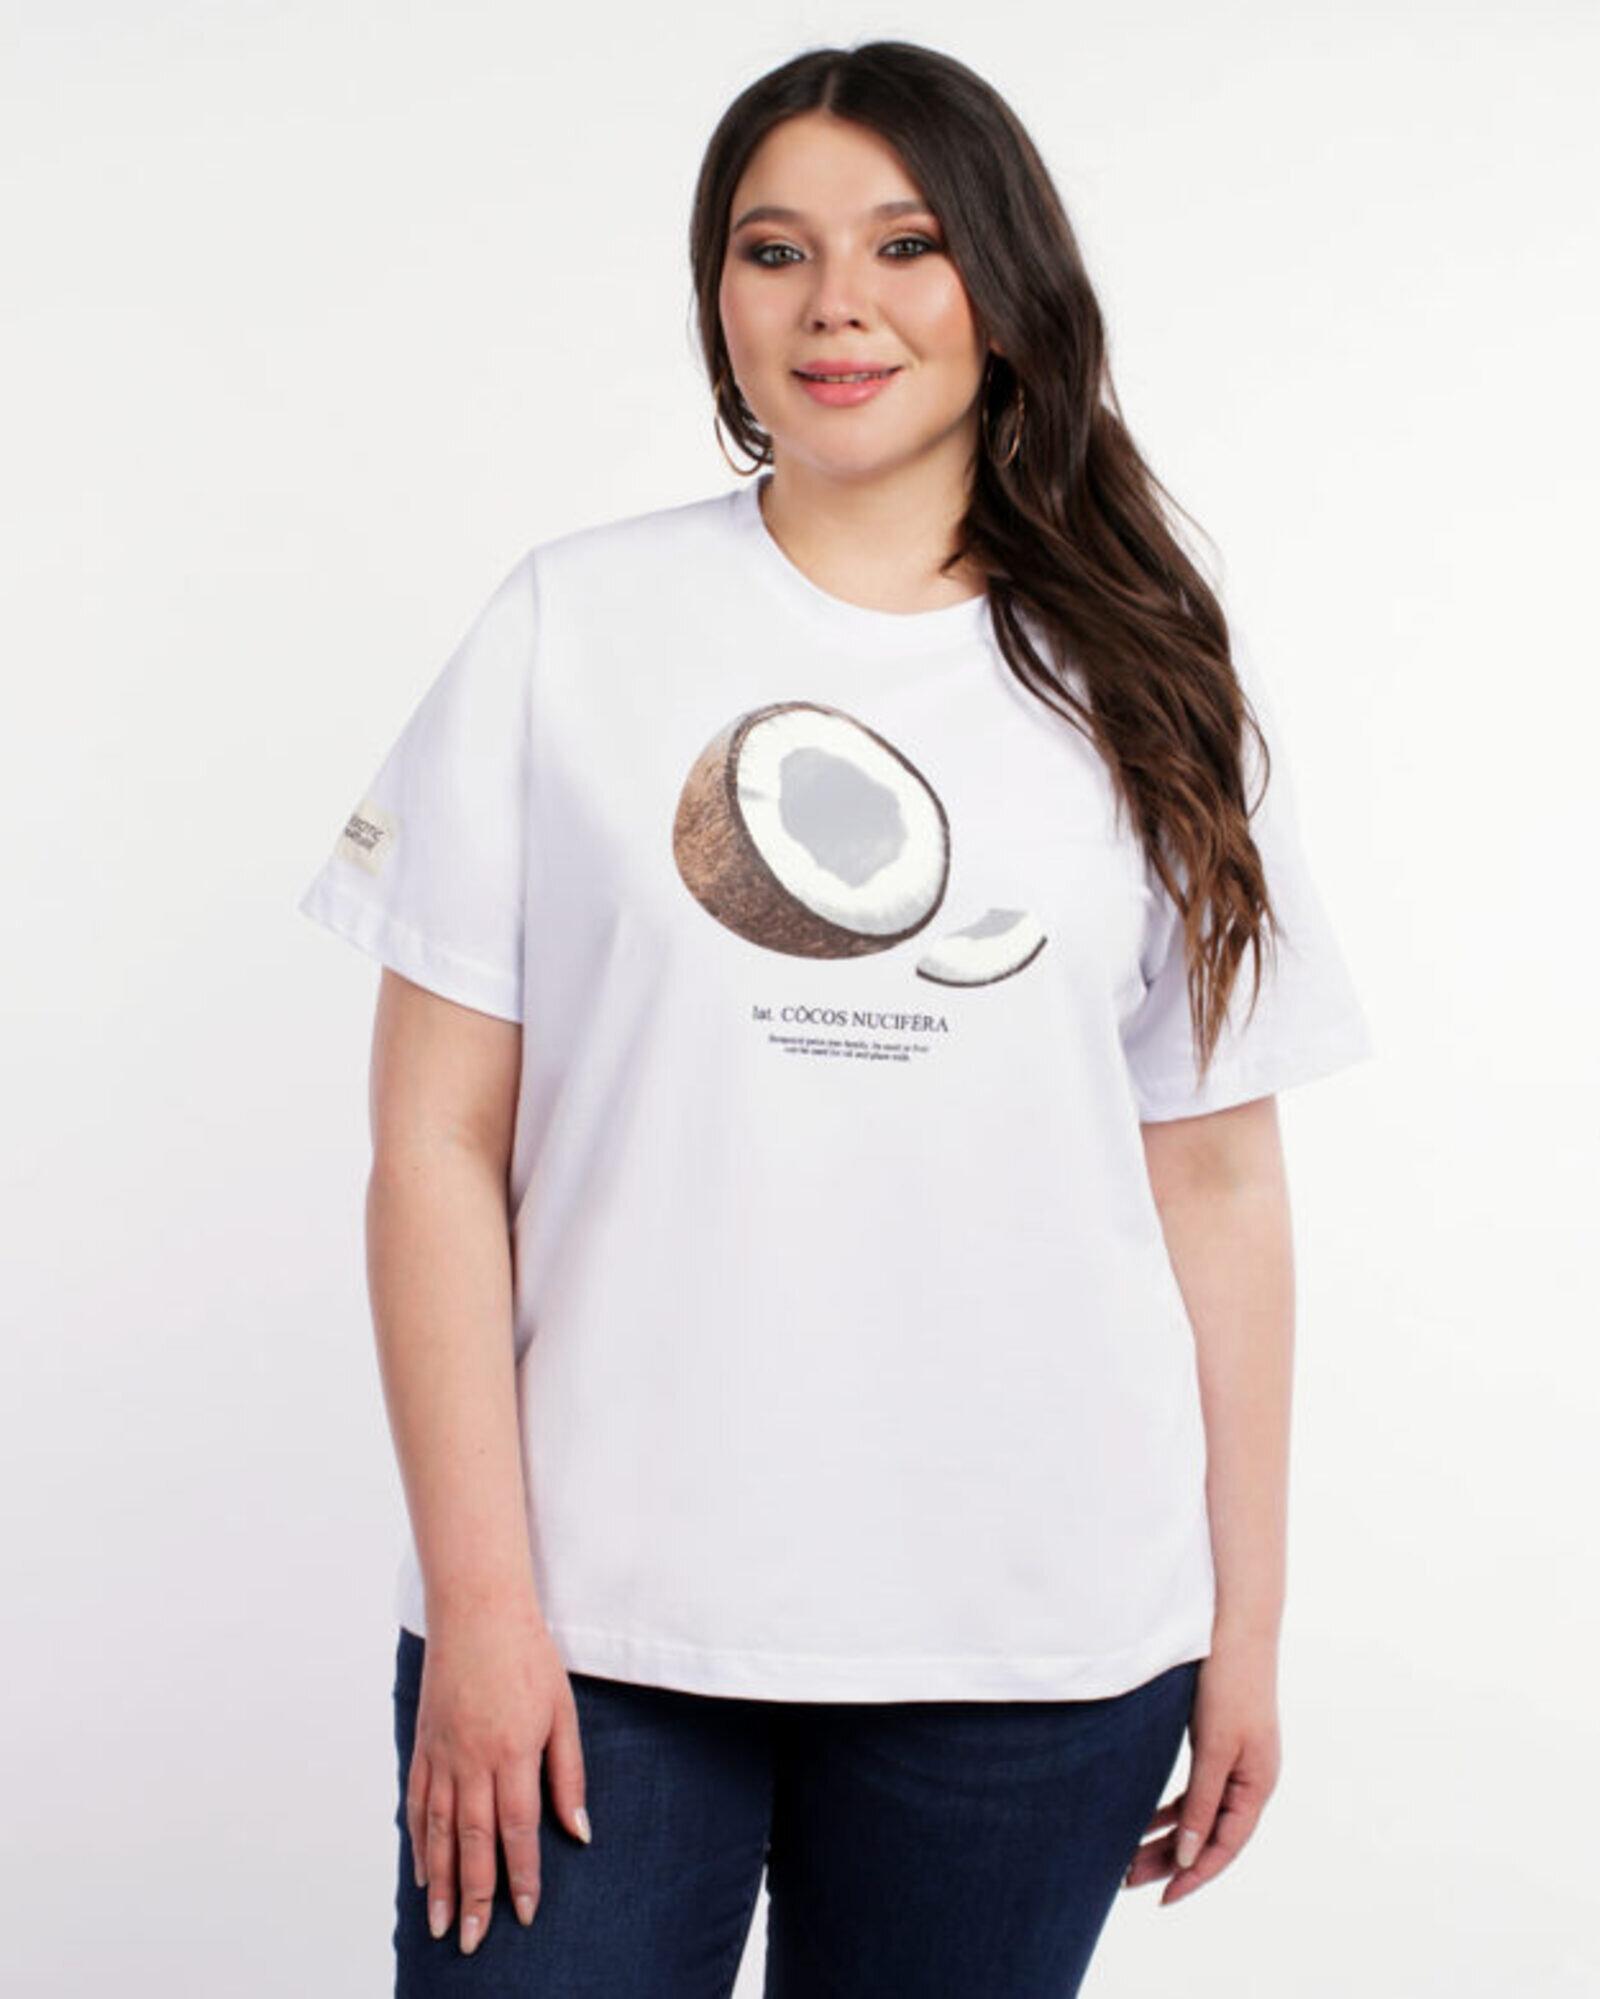 Футболка женская  «Кокос» белая Plus size